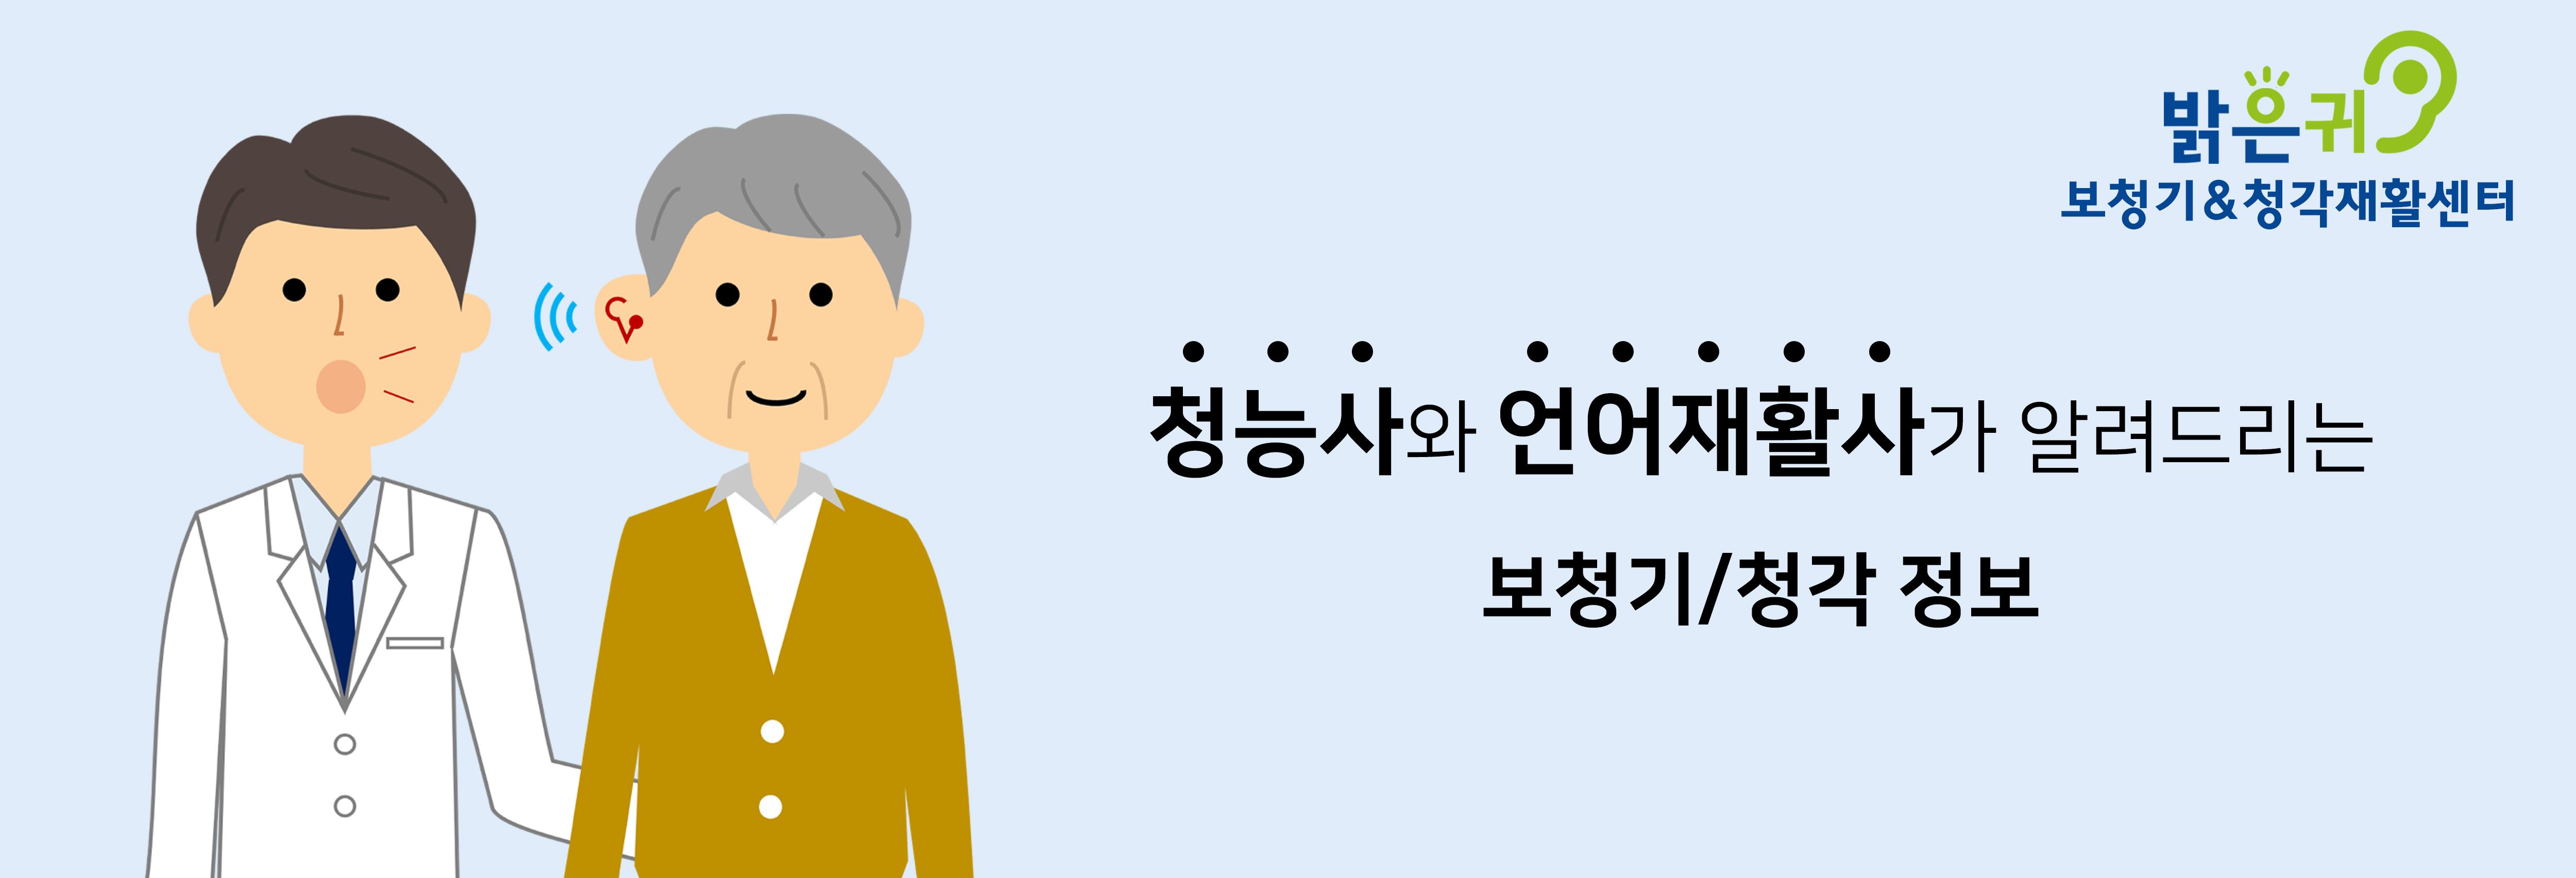 대구보청기 청각정보